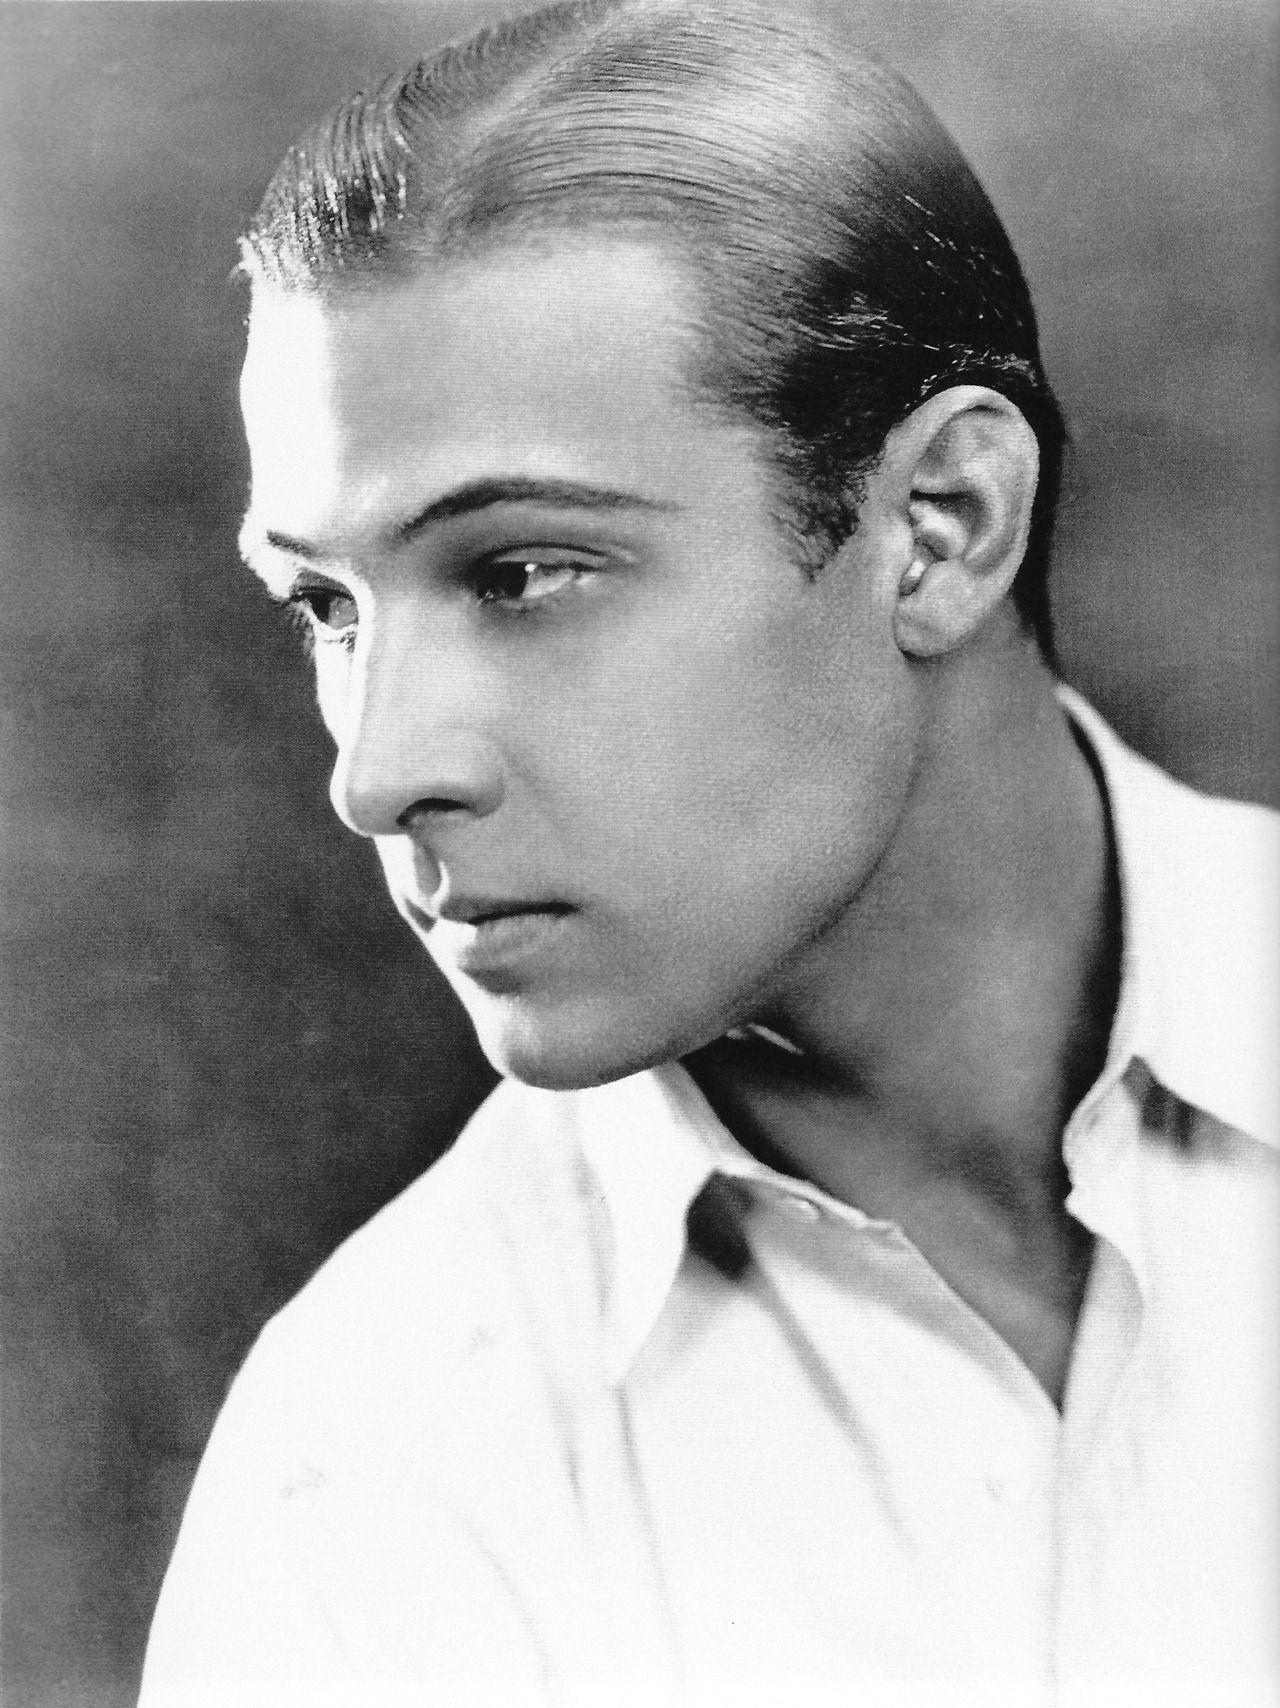 Rudolph Valentino rare